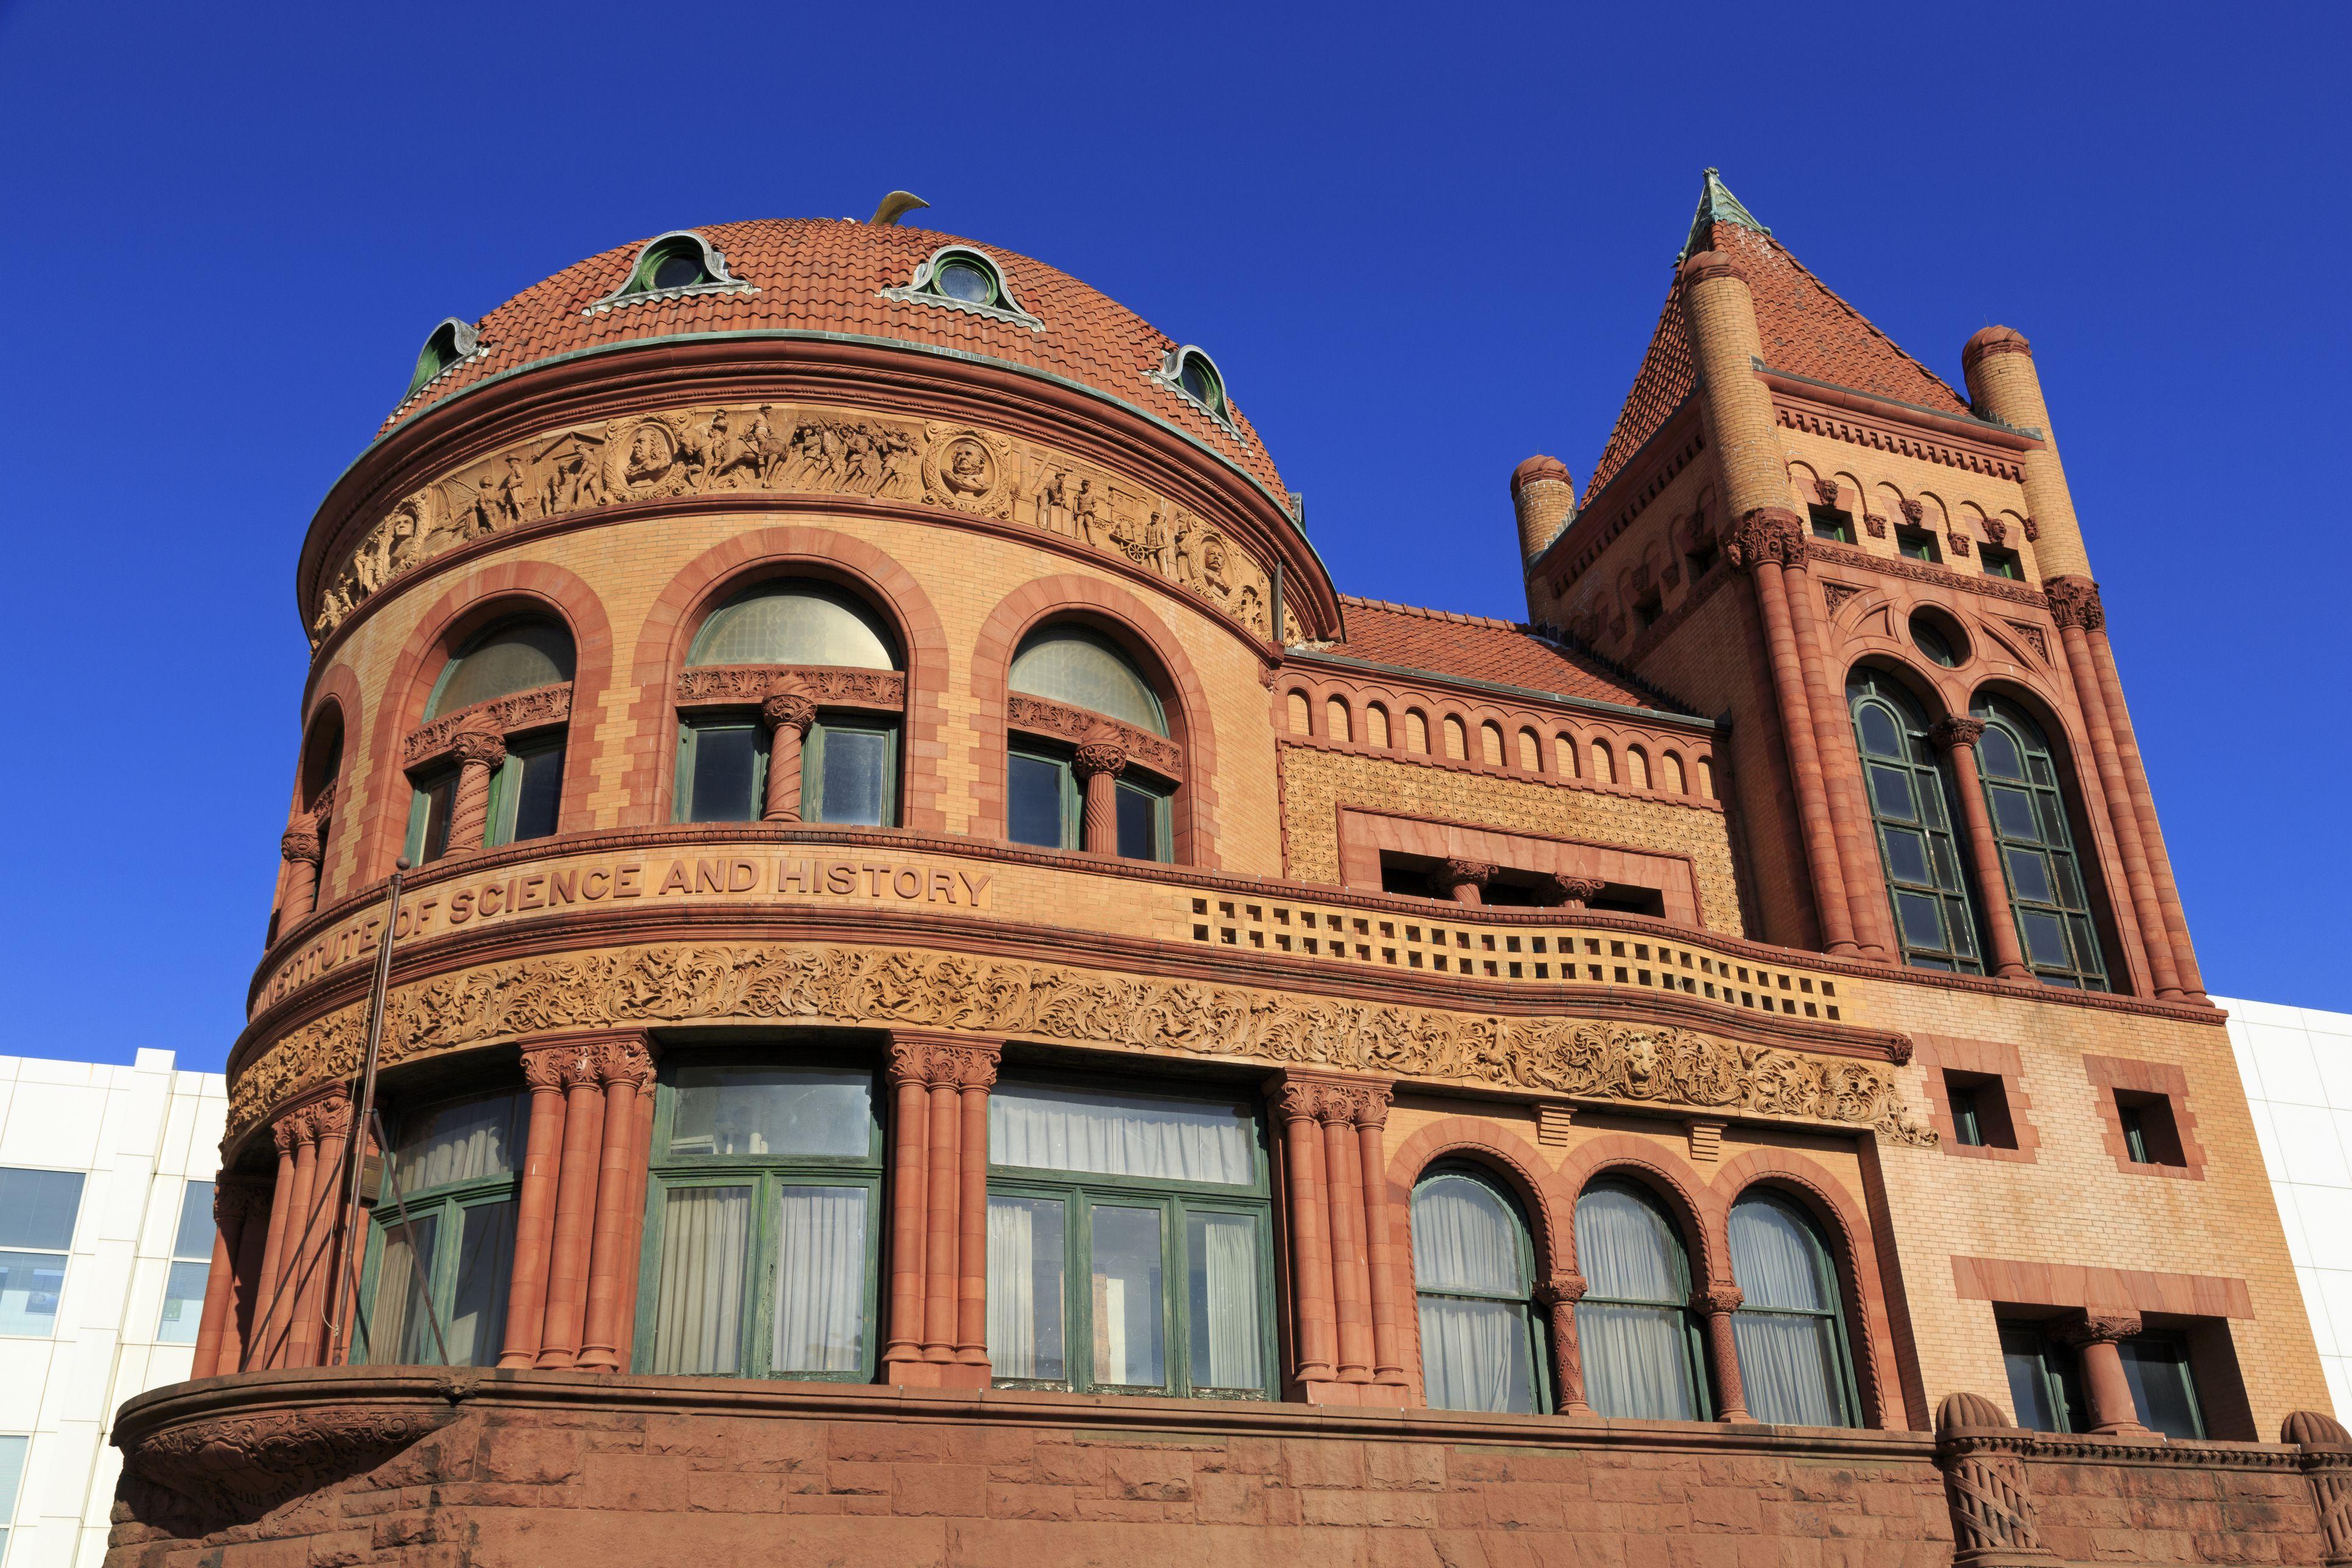 The Barnum Museum, Bridgeport, Connecticut, USA